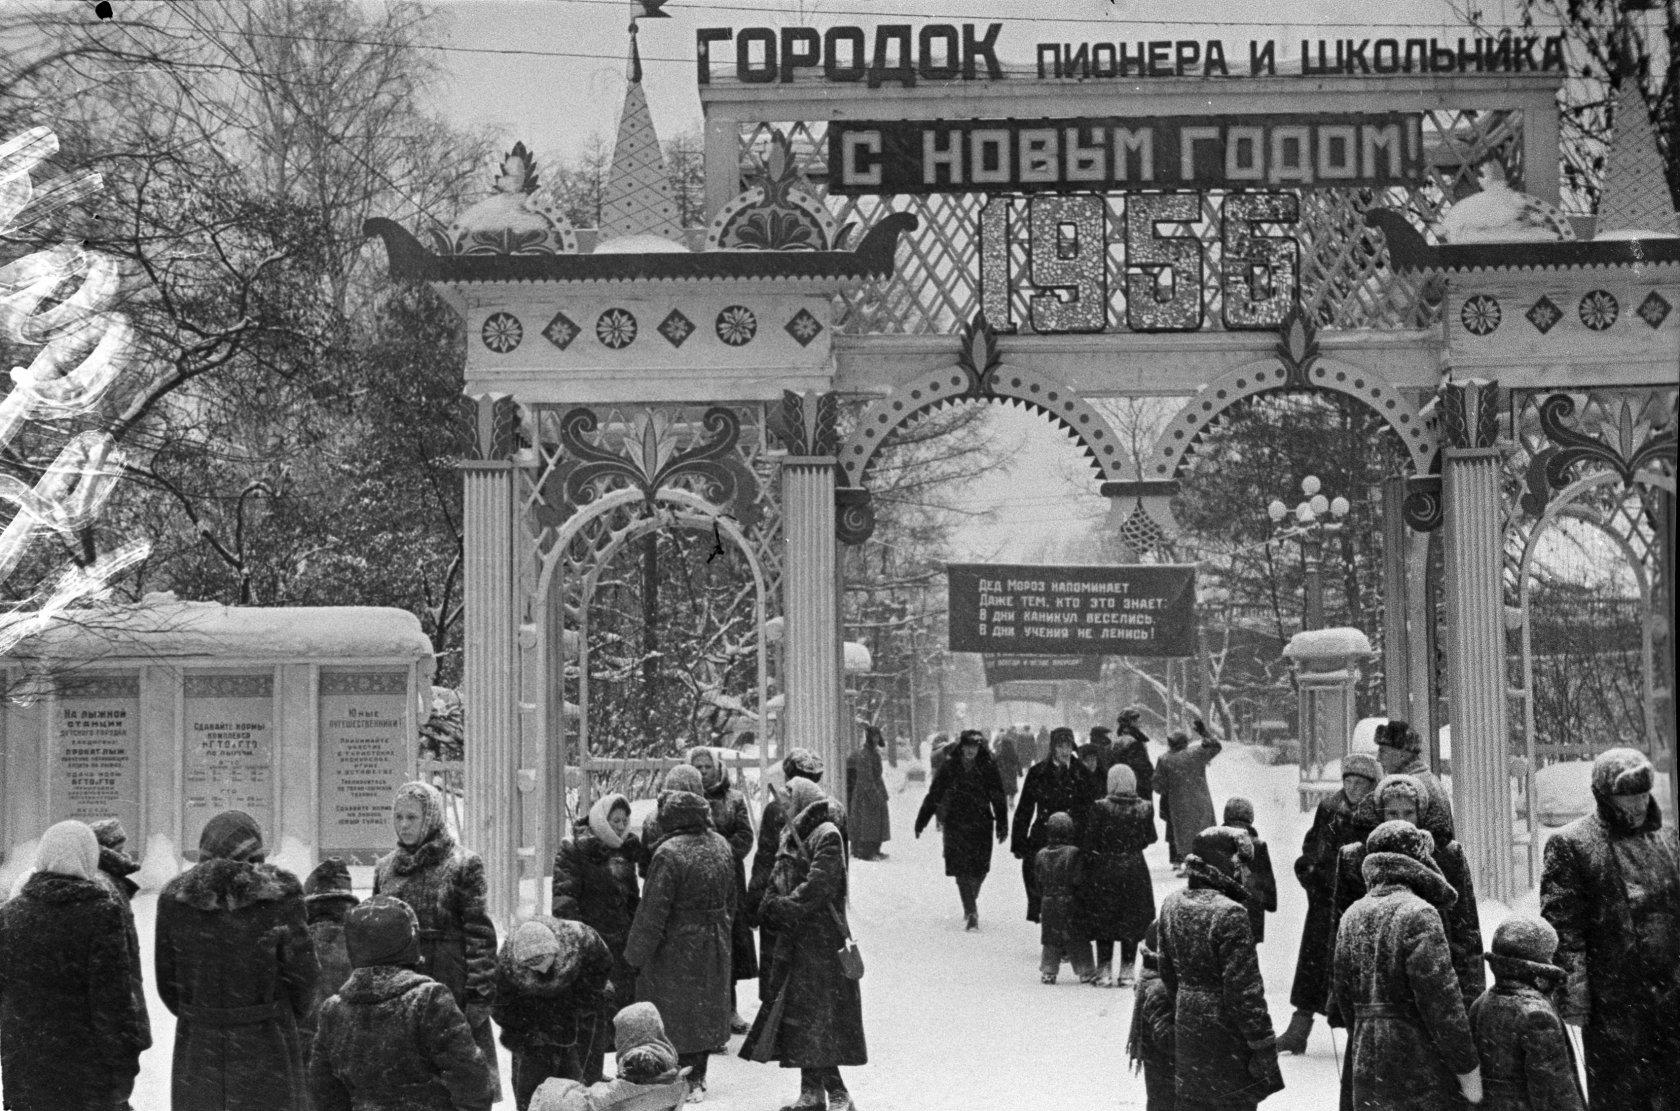 1956. У входа в детский городок парка «Сокольники» в дни школьных зимних каникул. Автор М. Озерский. Январь